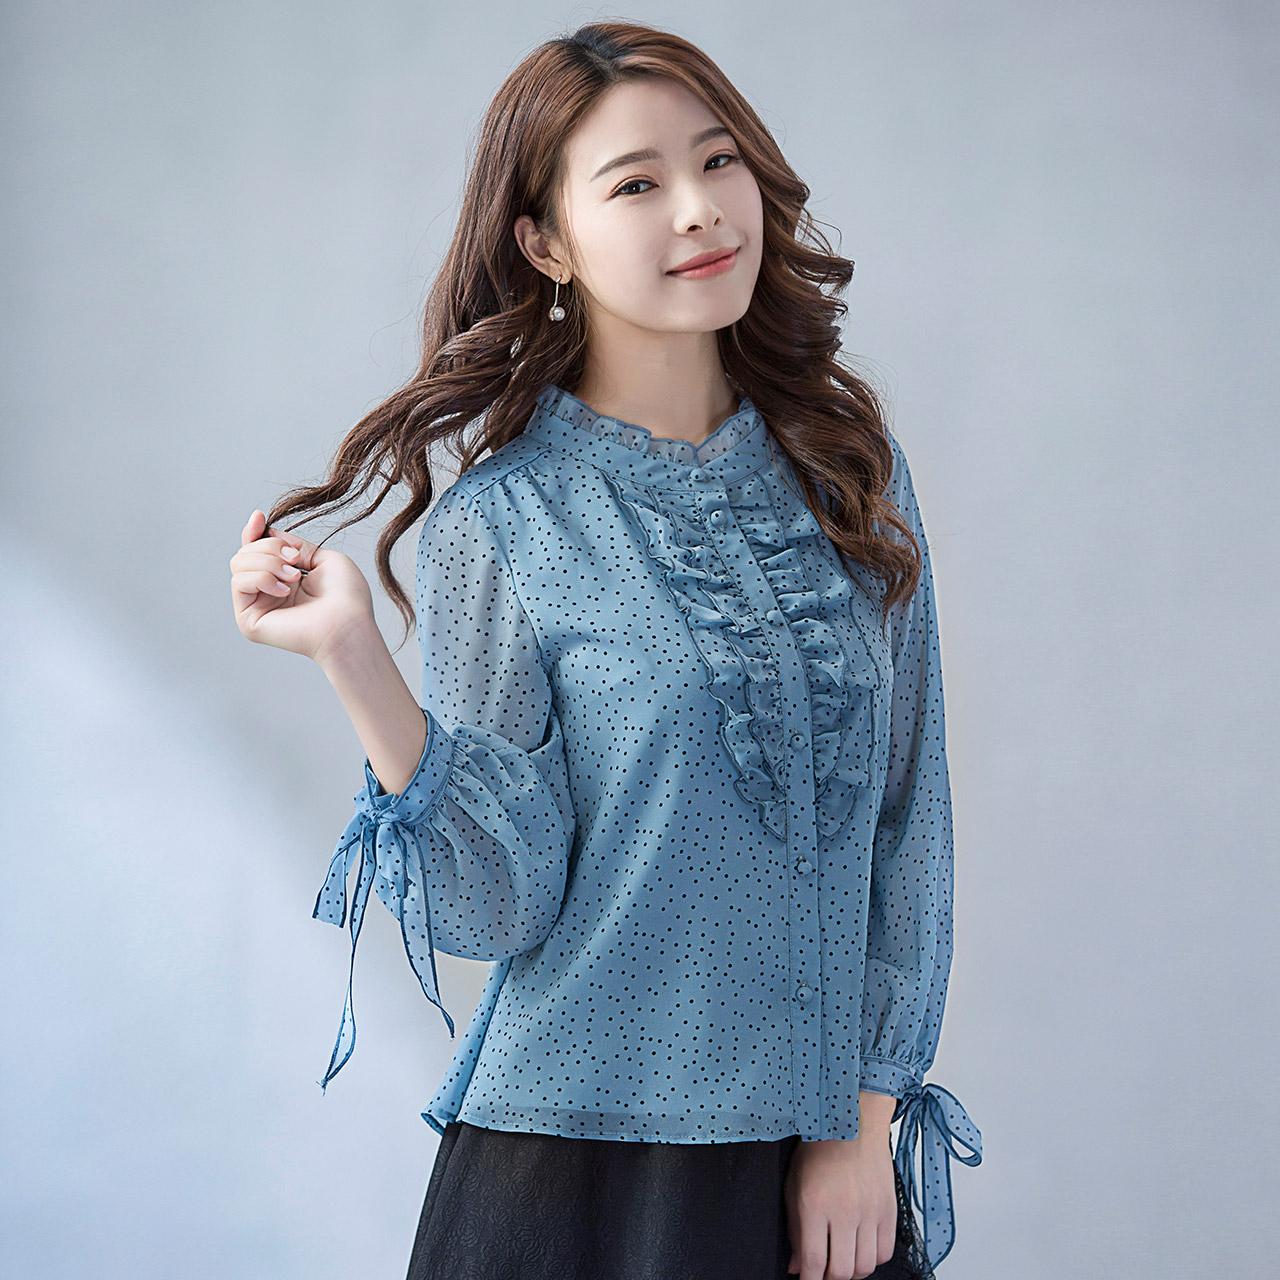 Pháo hoa nóng 尓 SD áo sơ mi nữ 2018 mùa thu mới của phụ nữ dài tay ren cardigan áo sơ mi lỏng lẻo 蒹 葭 远